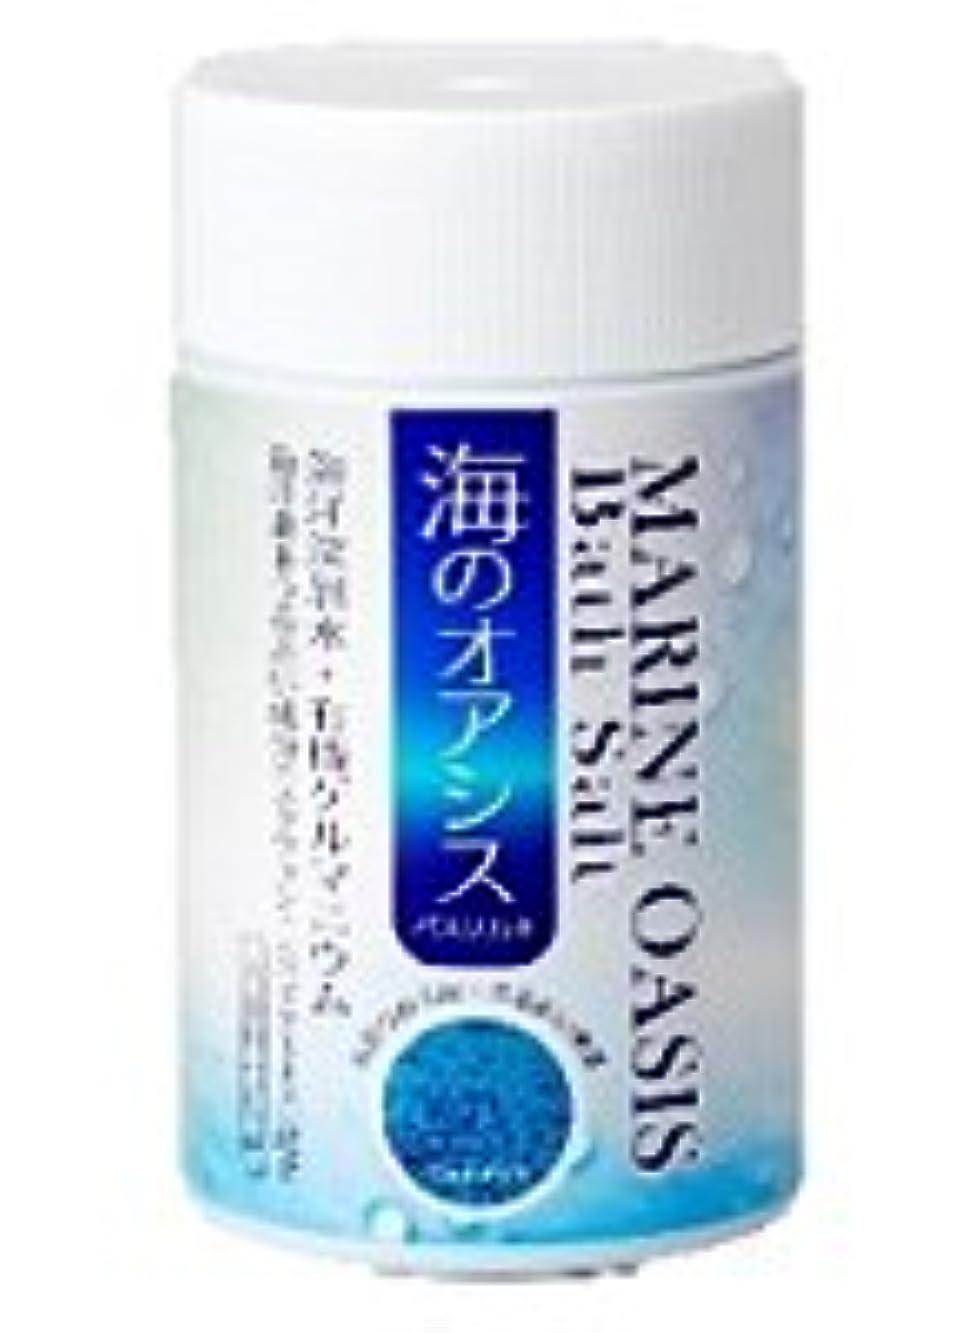 熱狂的な処理する食堂入浴用化粧品 海のオアシス バスソルト 1020g